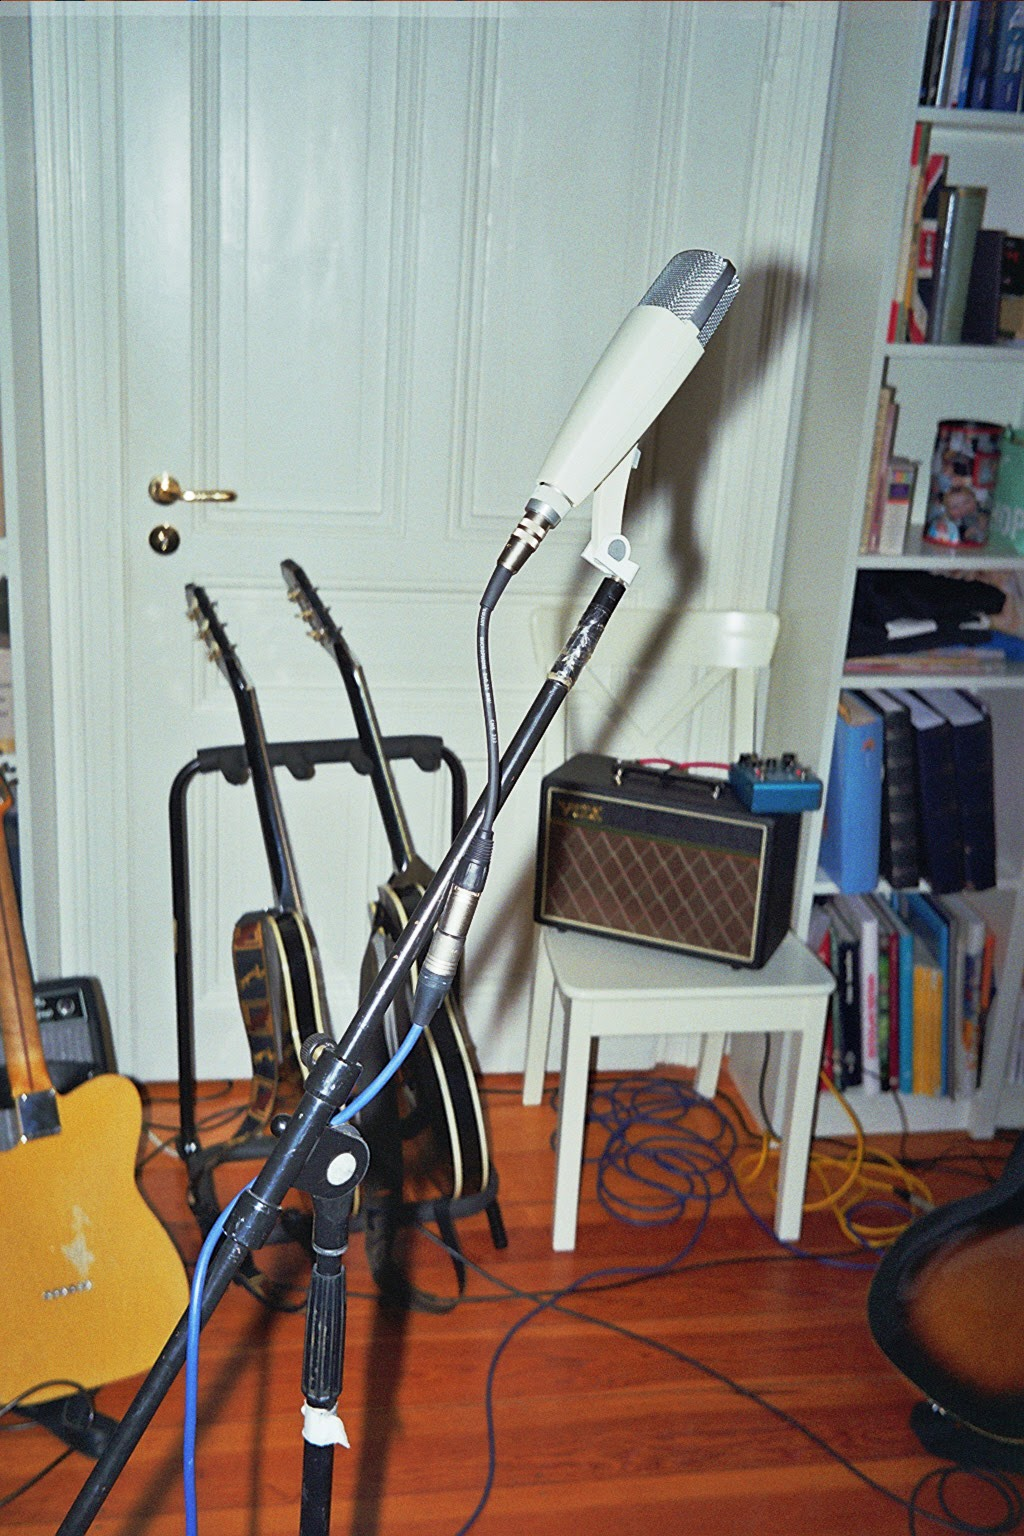 Einer Freundin Zu Einem Wohnzimmerkonzert Eingeladen Sein Gespielt Haben BRTHR Aus Stuttgart Meinen Musikgeschmack Die Beiden Mit Ihren Folk